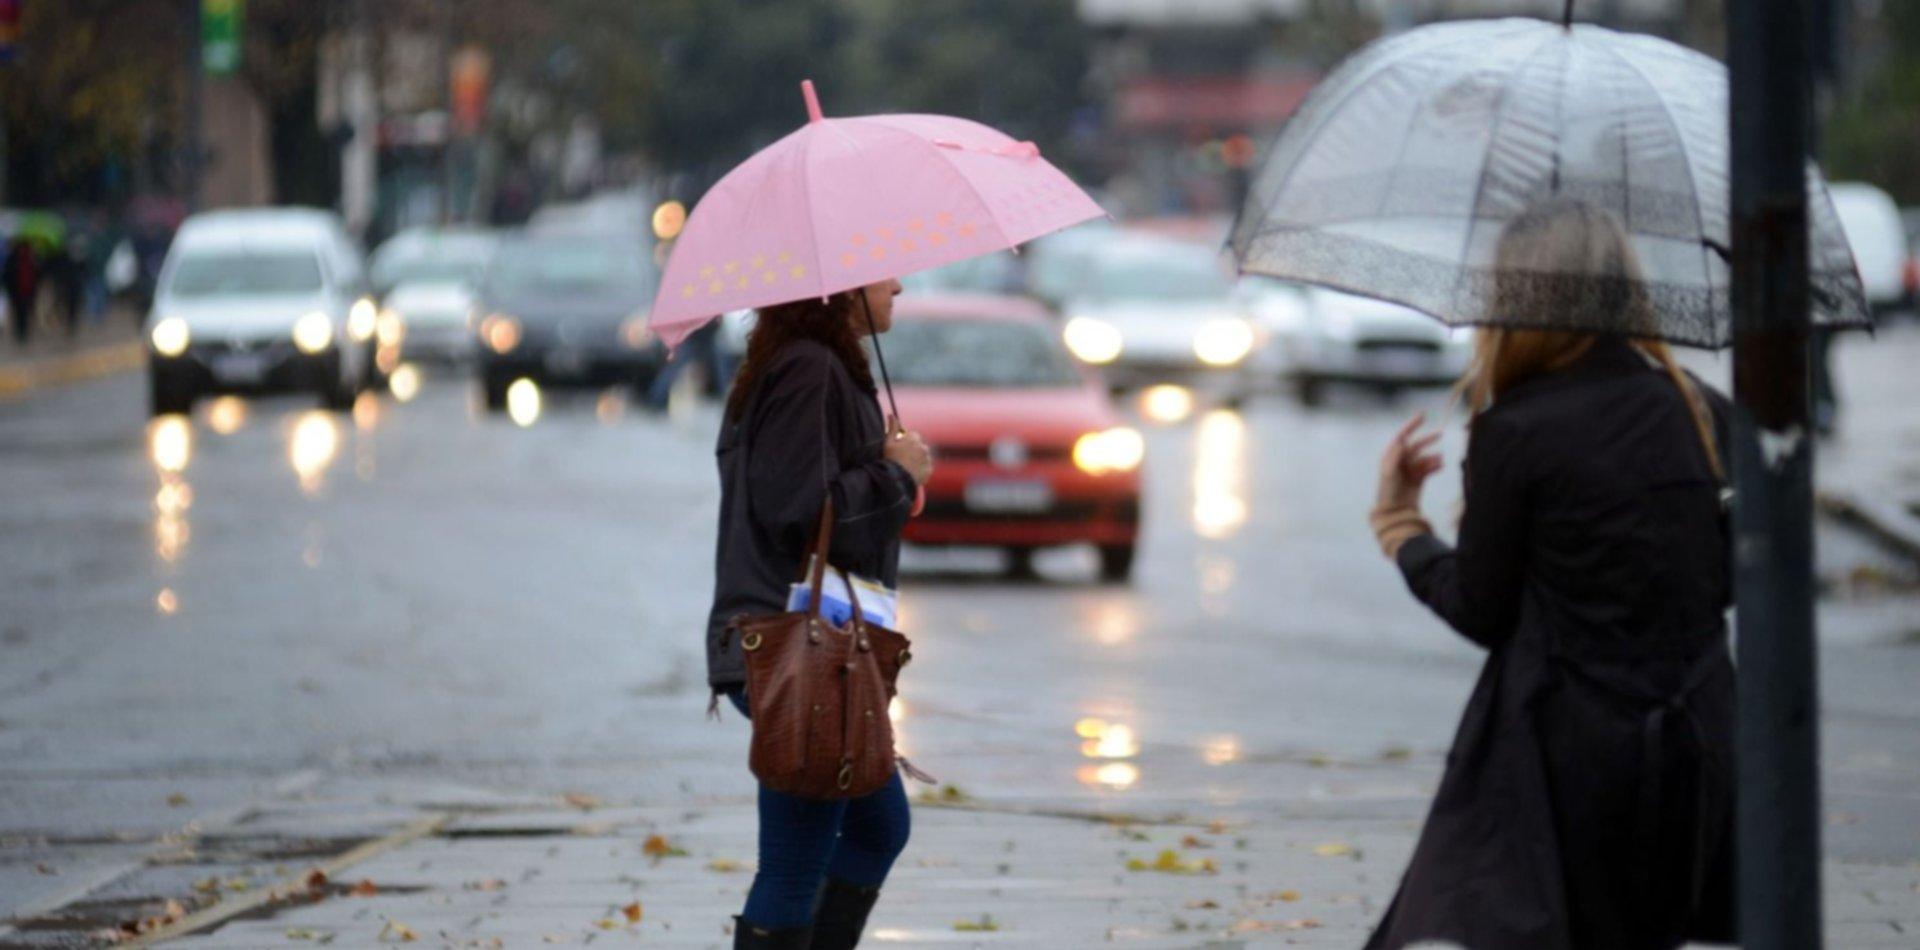 El Servicio Meteorológico renovó alertas por ráfagas de viento y tormentas en La Plata